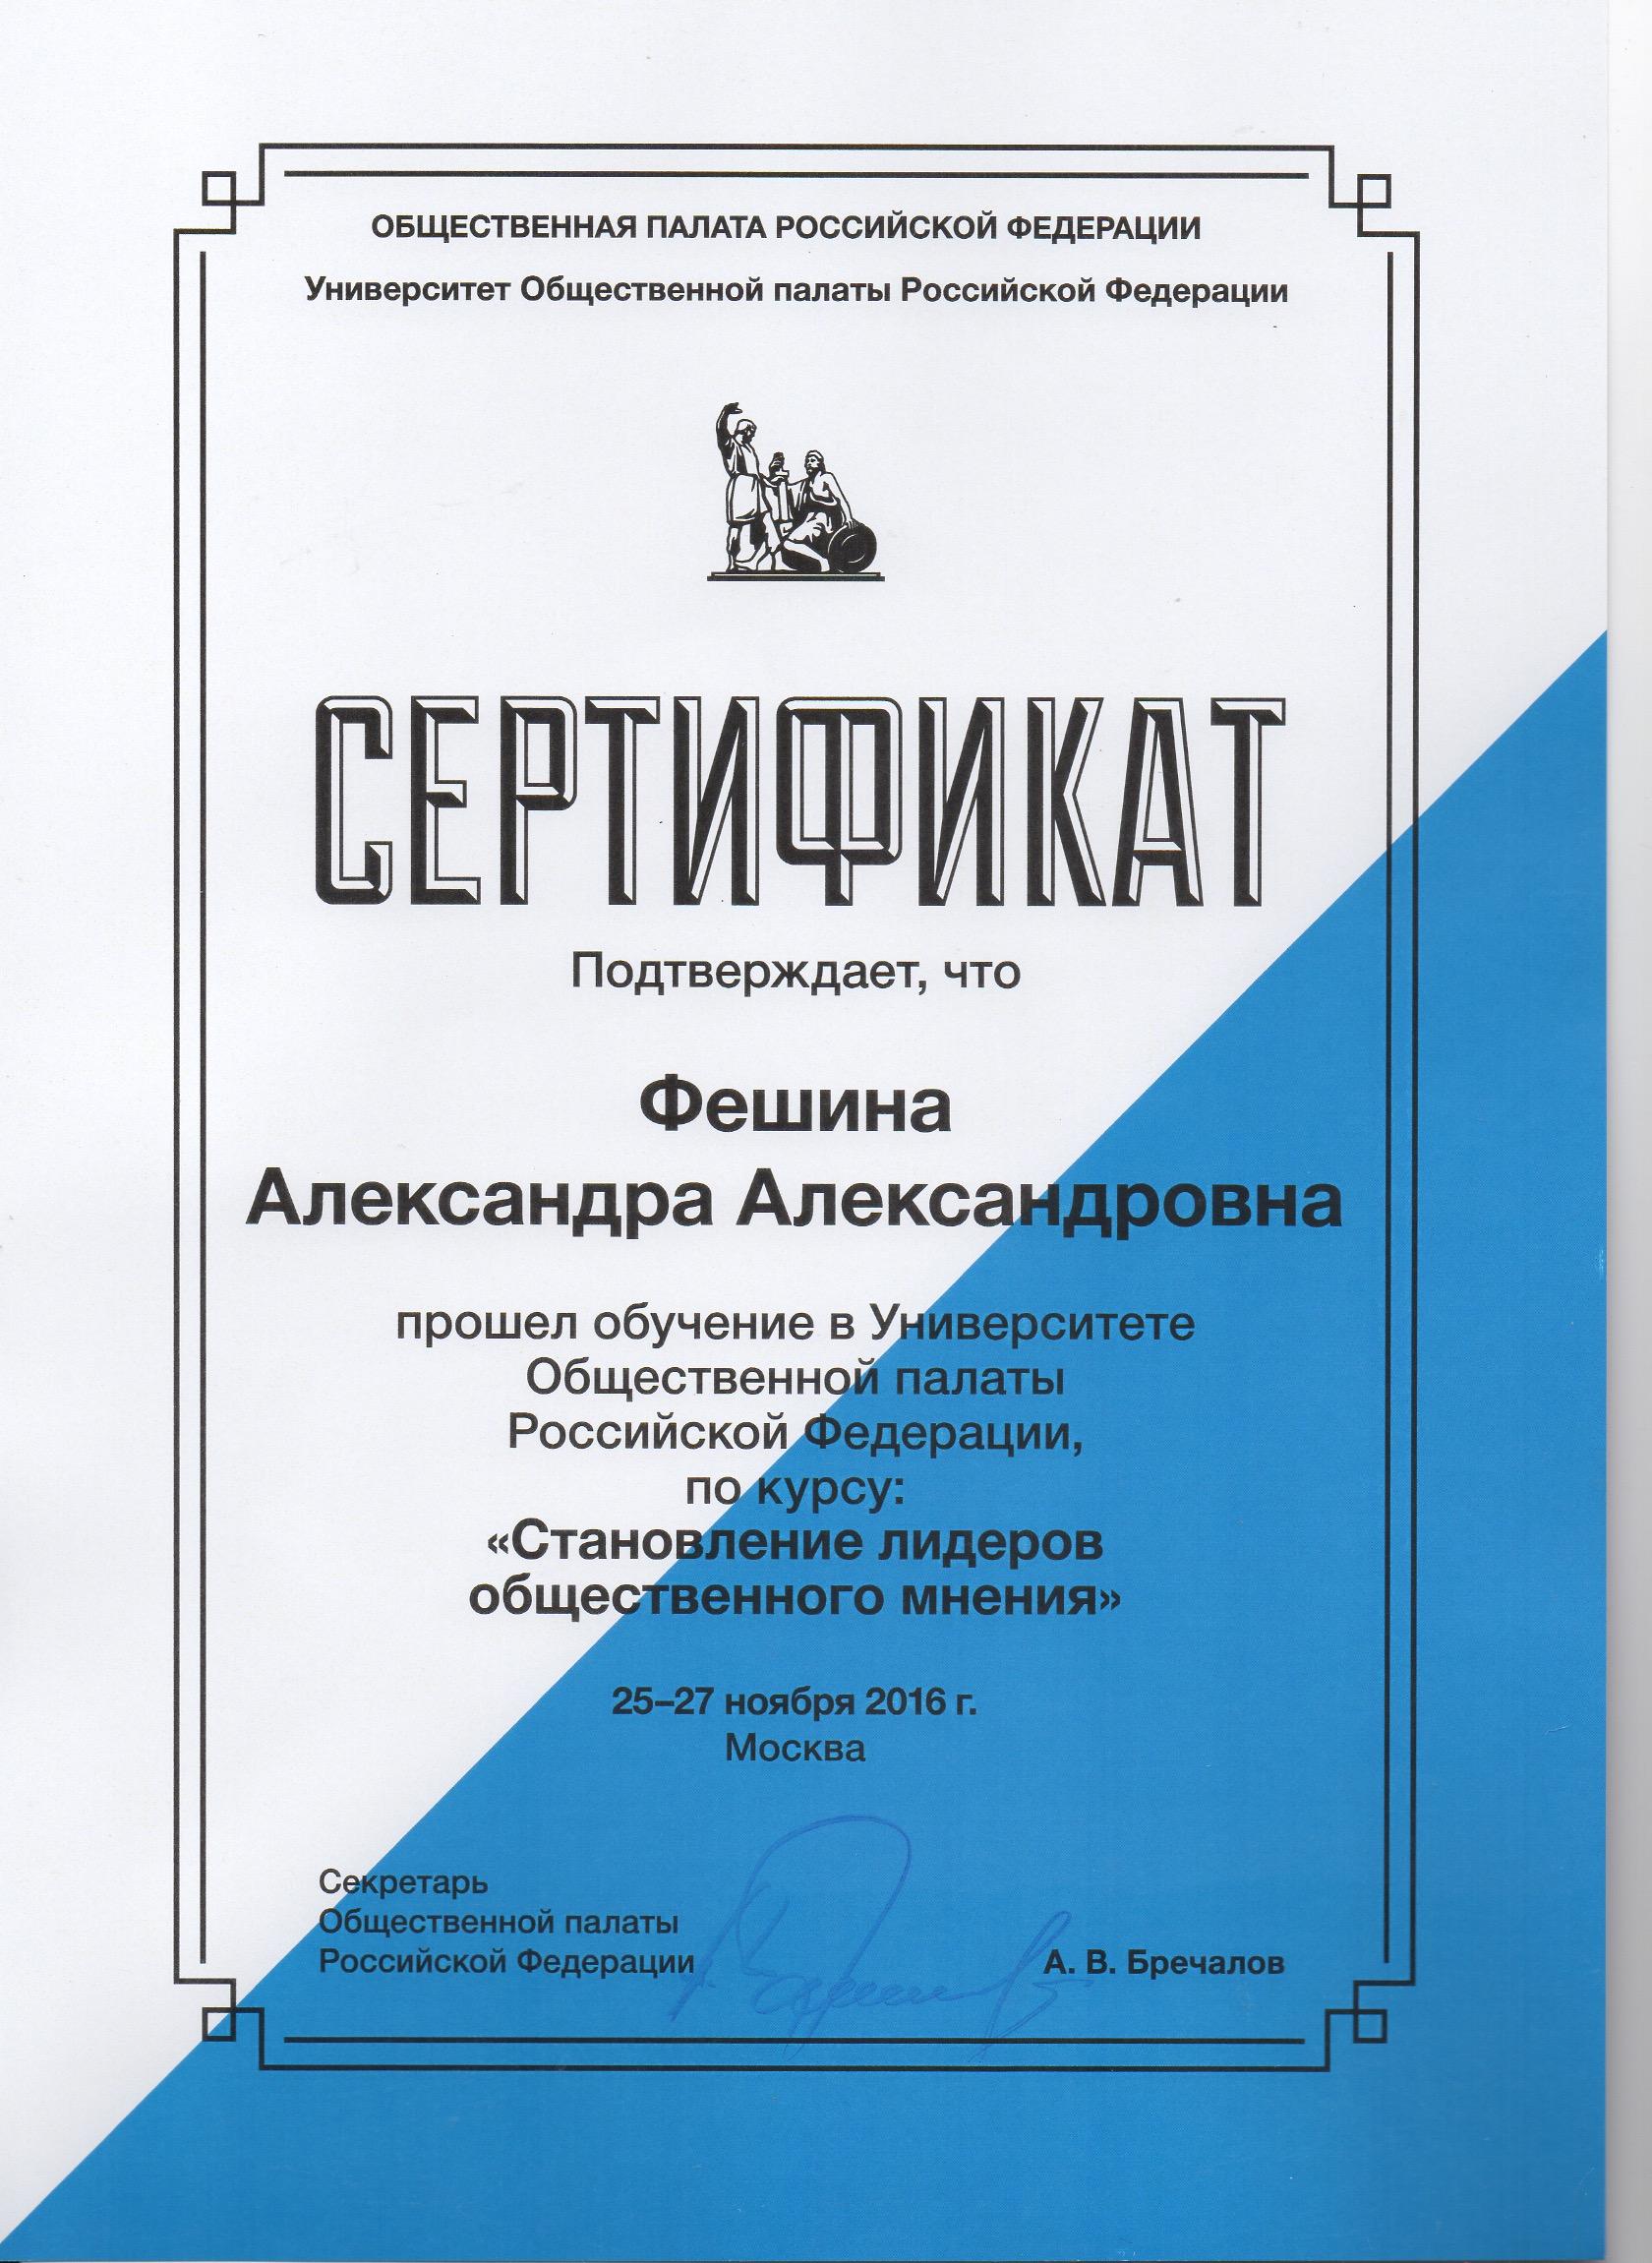 УниверститетОПРФ